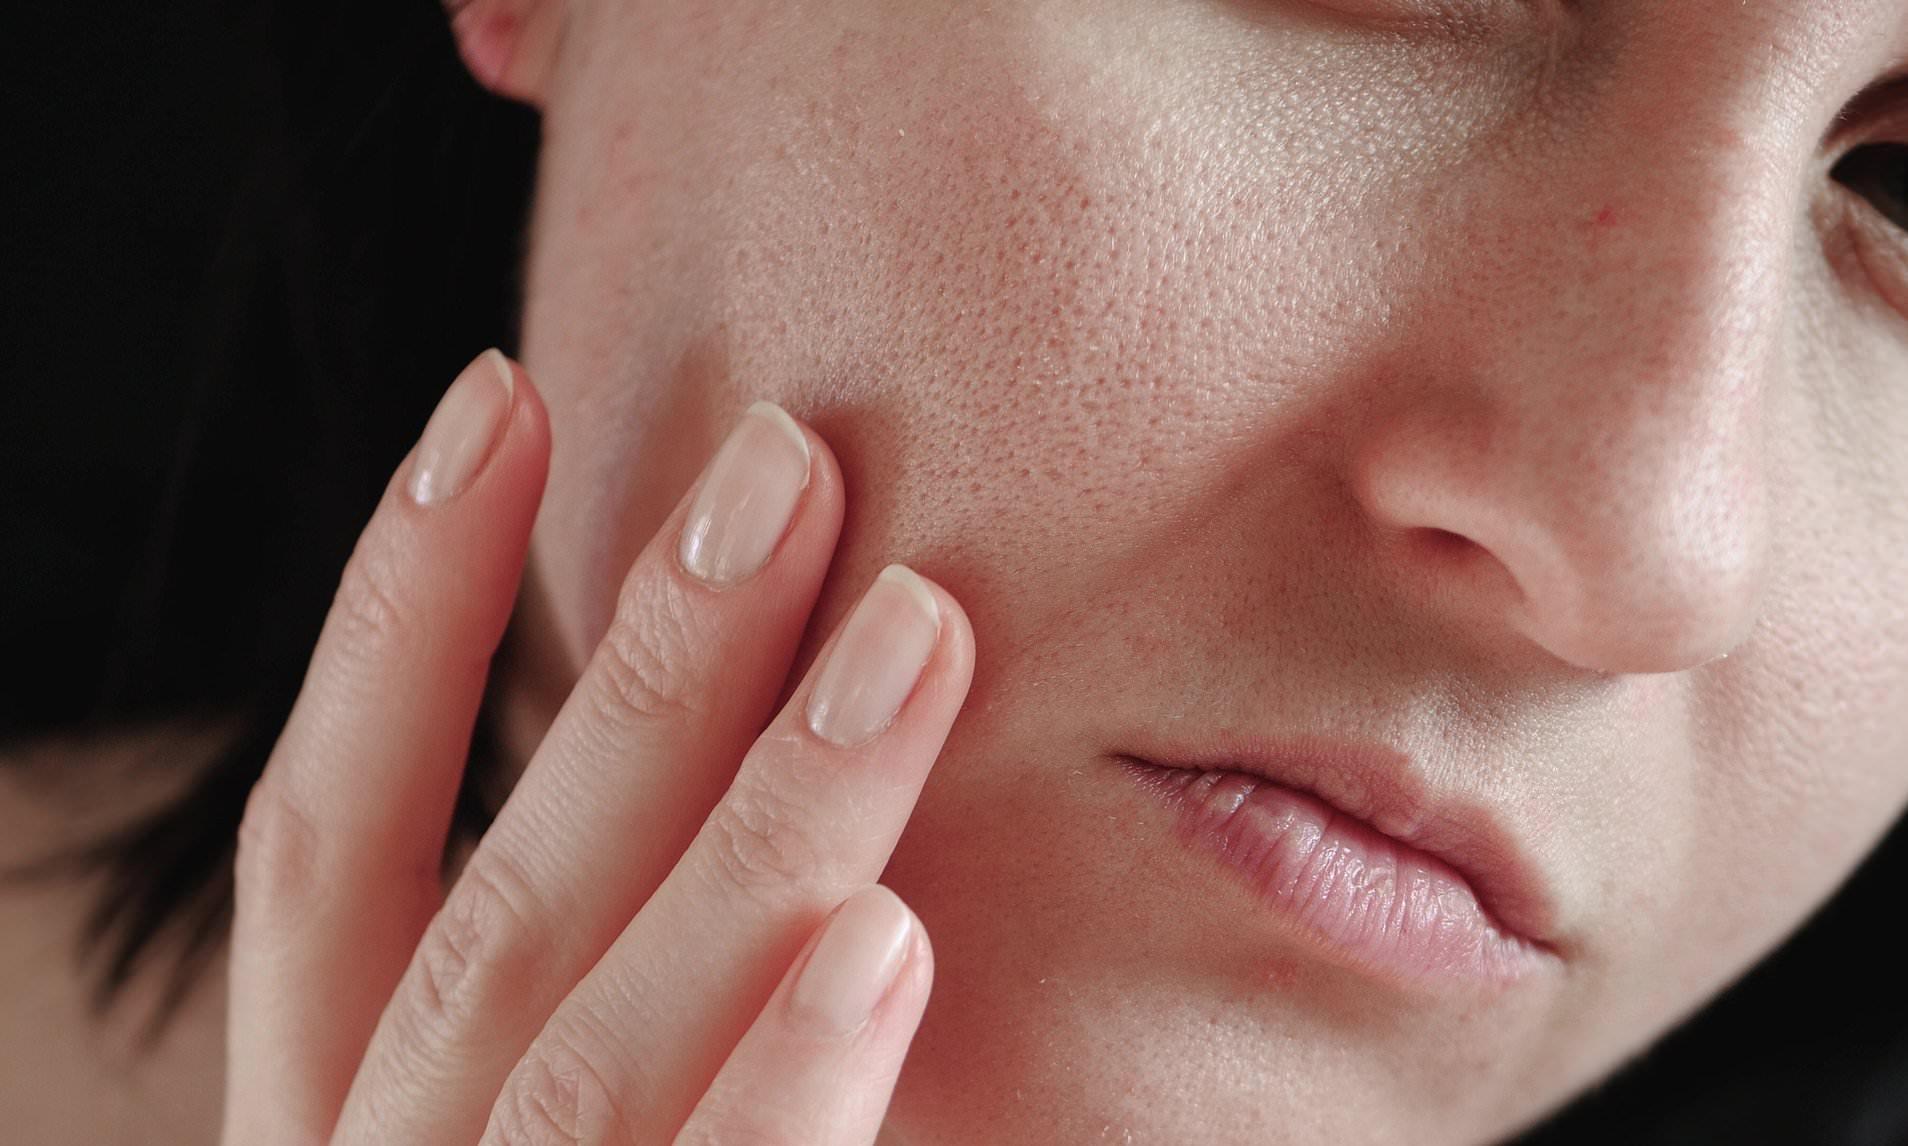 Một loại Vitamin siêu dưỡng ẩm dành cho da khô, khả năng chống già chẳng thua Vit C mà giá cực mềm được hội chị em dùng ầm ầm trong mùa Thu - Ảnh 1.